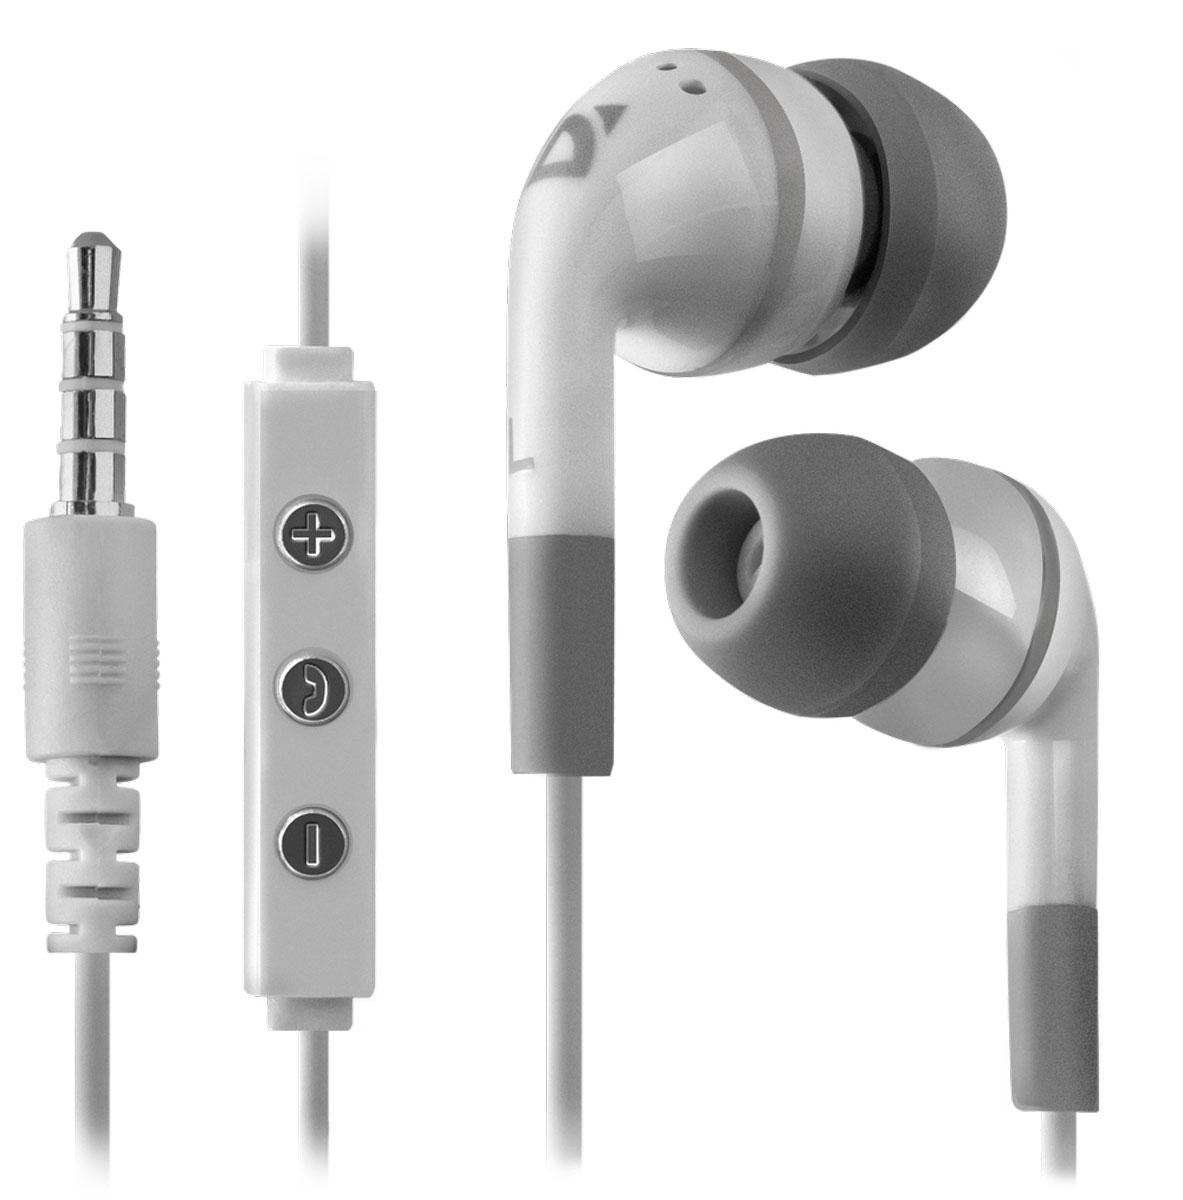 Defender Pulse 451, White гарнитура63451Defender Pulse 451 - отличный выбор для повседневного использования, в том числе, в общественном транспорте, на улице и в шумных помещениях, благодаря хорошей звукоизоляции. Гарнитура имеет встроенный пульт и микрофон для быстрого переключения между музыкой и вызовами. Подключив её к своему смартфону вы сможете не только наслаждаться любимой музыкой, но и с легкостью ответить на звонок, не доставая гаджет.Пульт работают только с продуктами от Apple (iPhone/iPod/iPad).